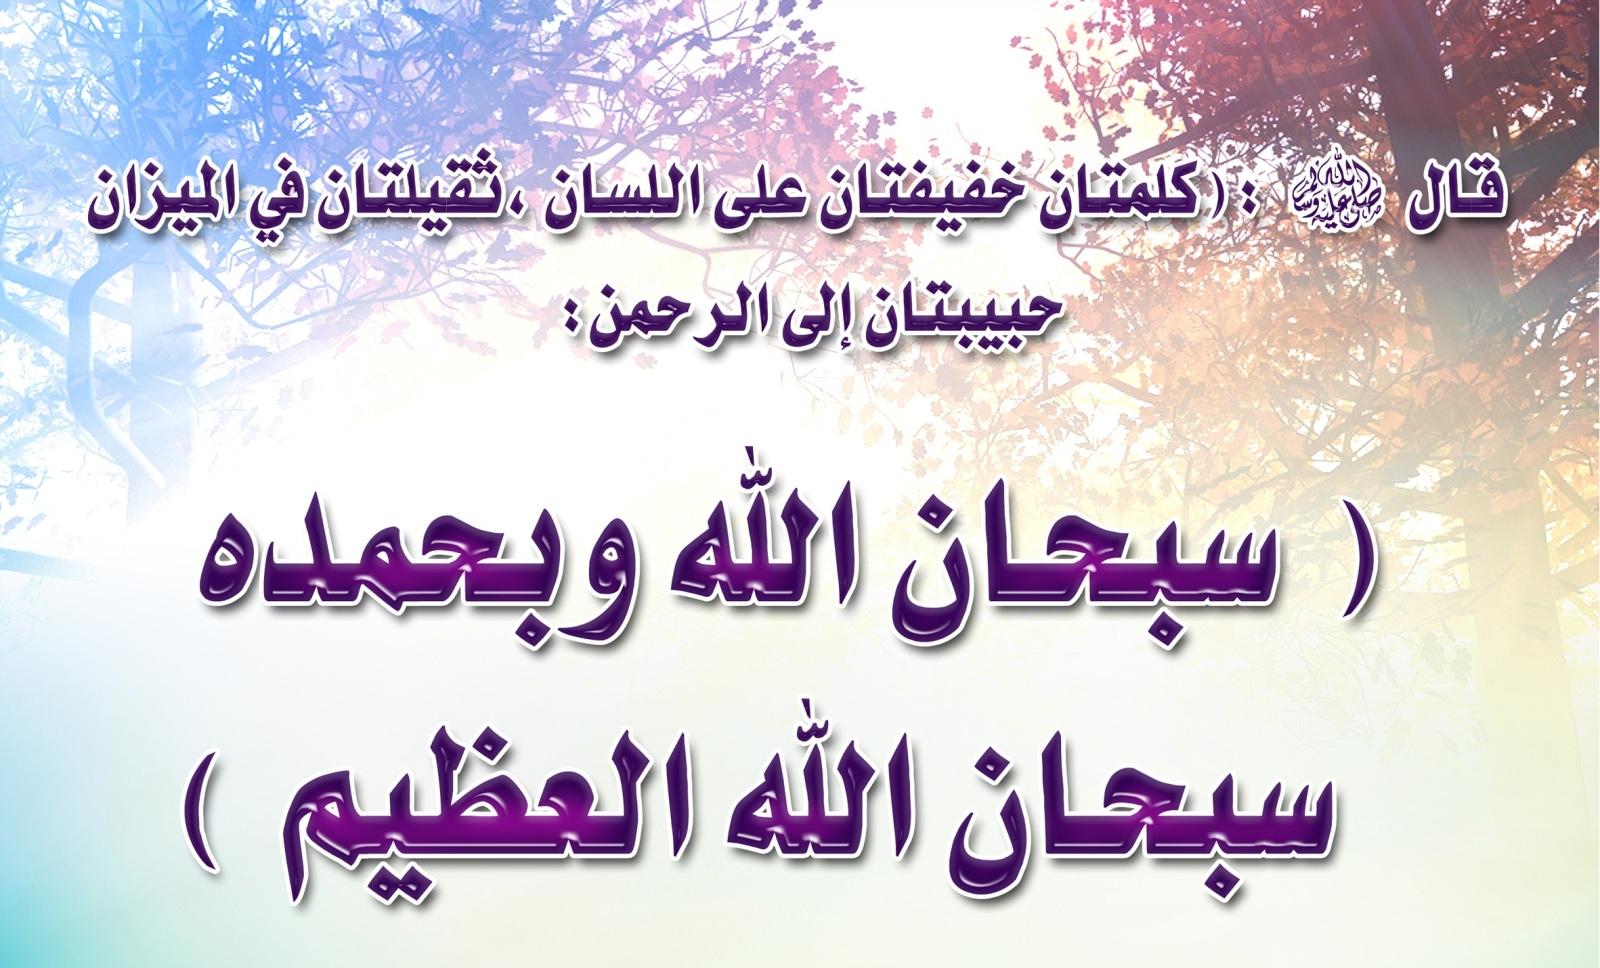 صور خلفيات دينية واسلامية جميلة ادعية اسلامية (21)